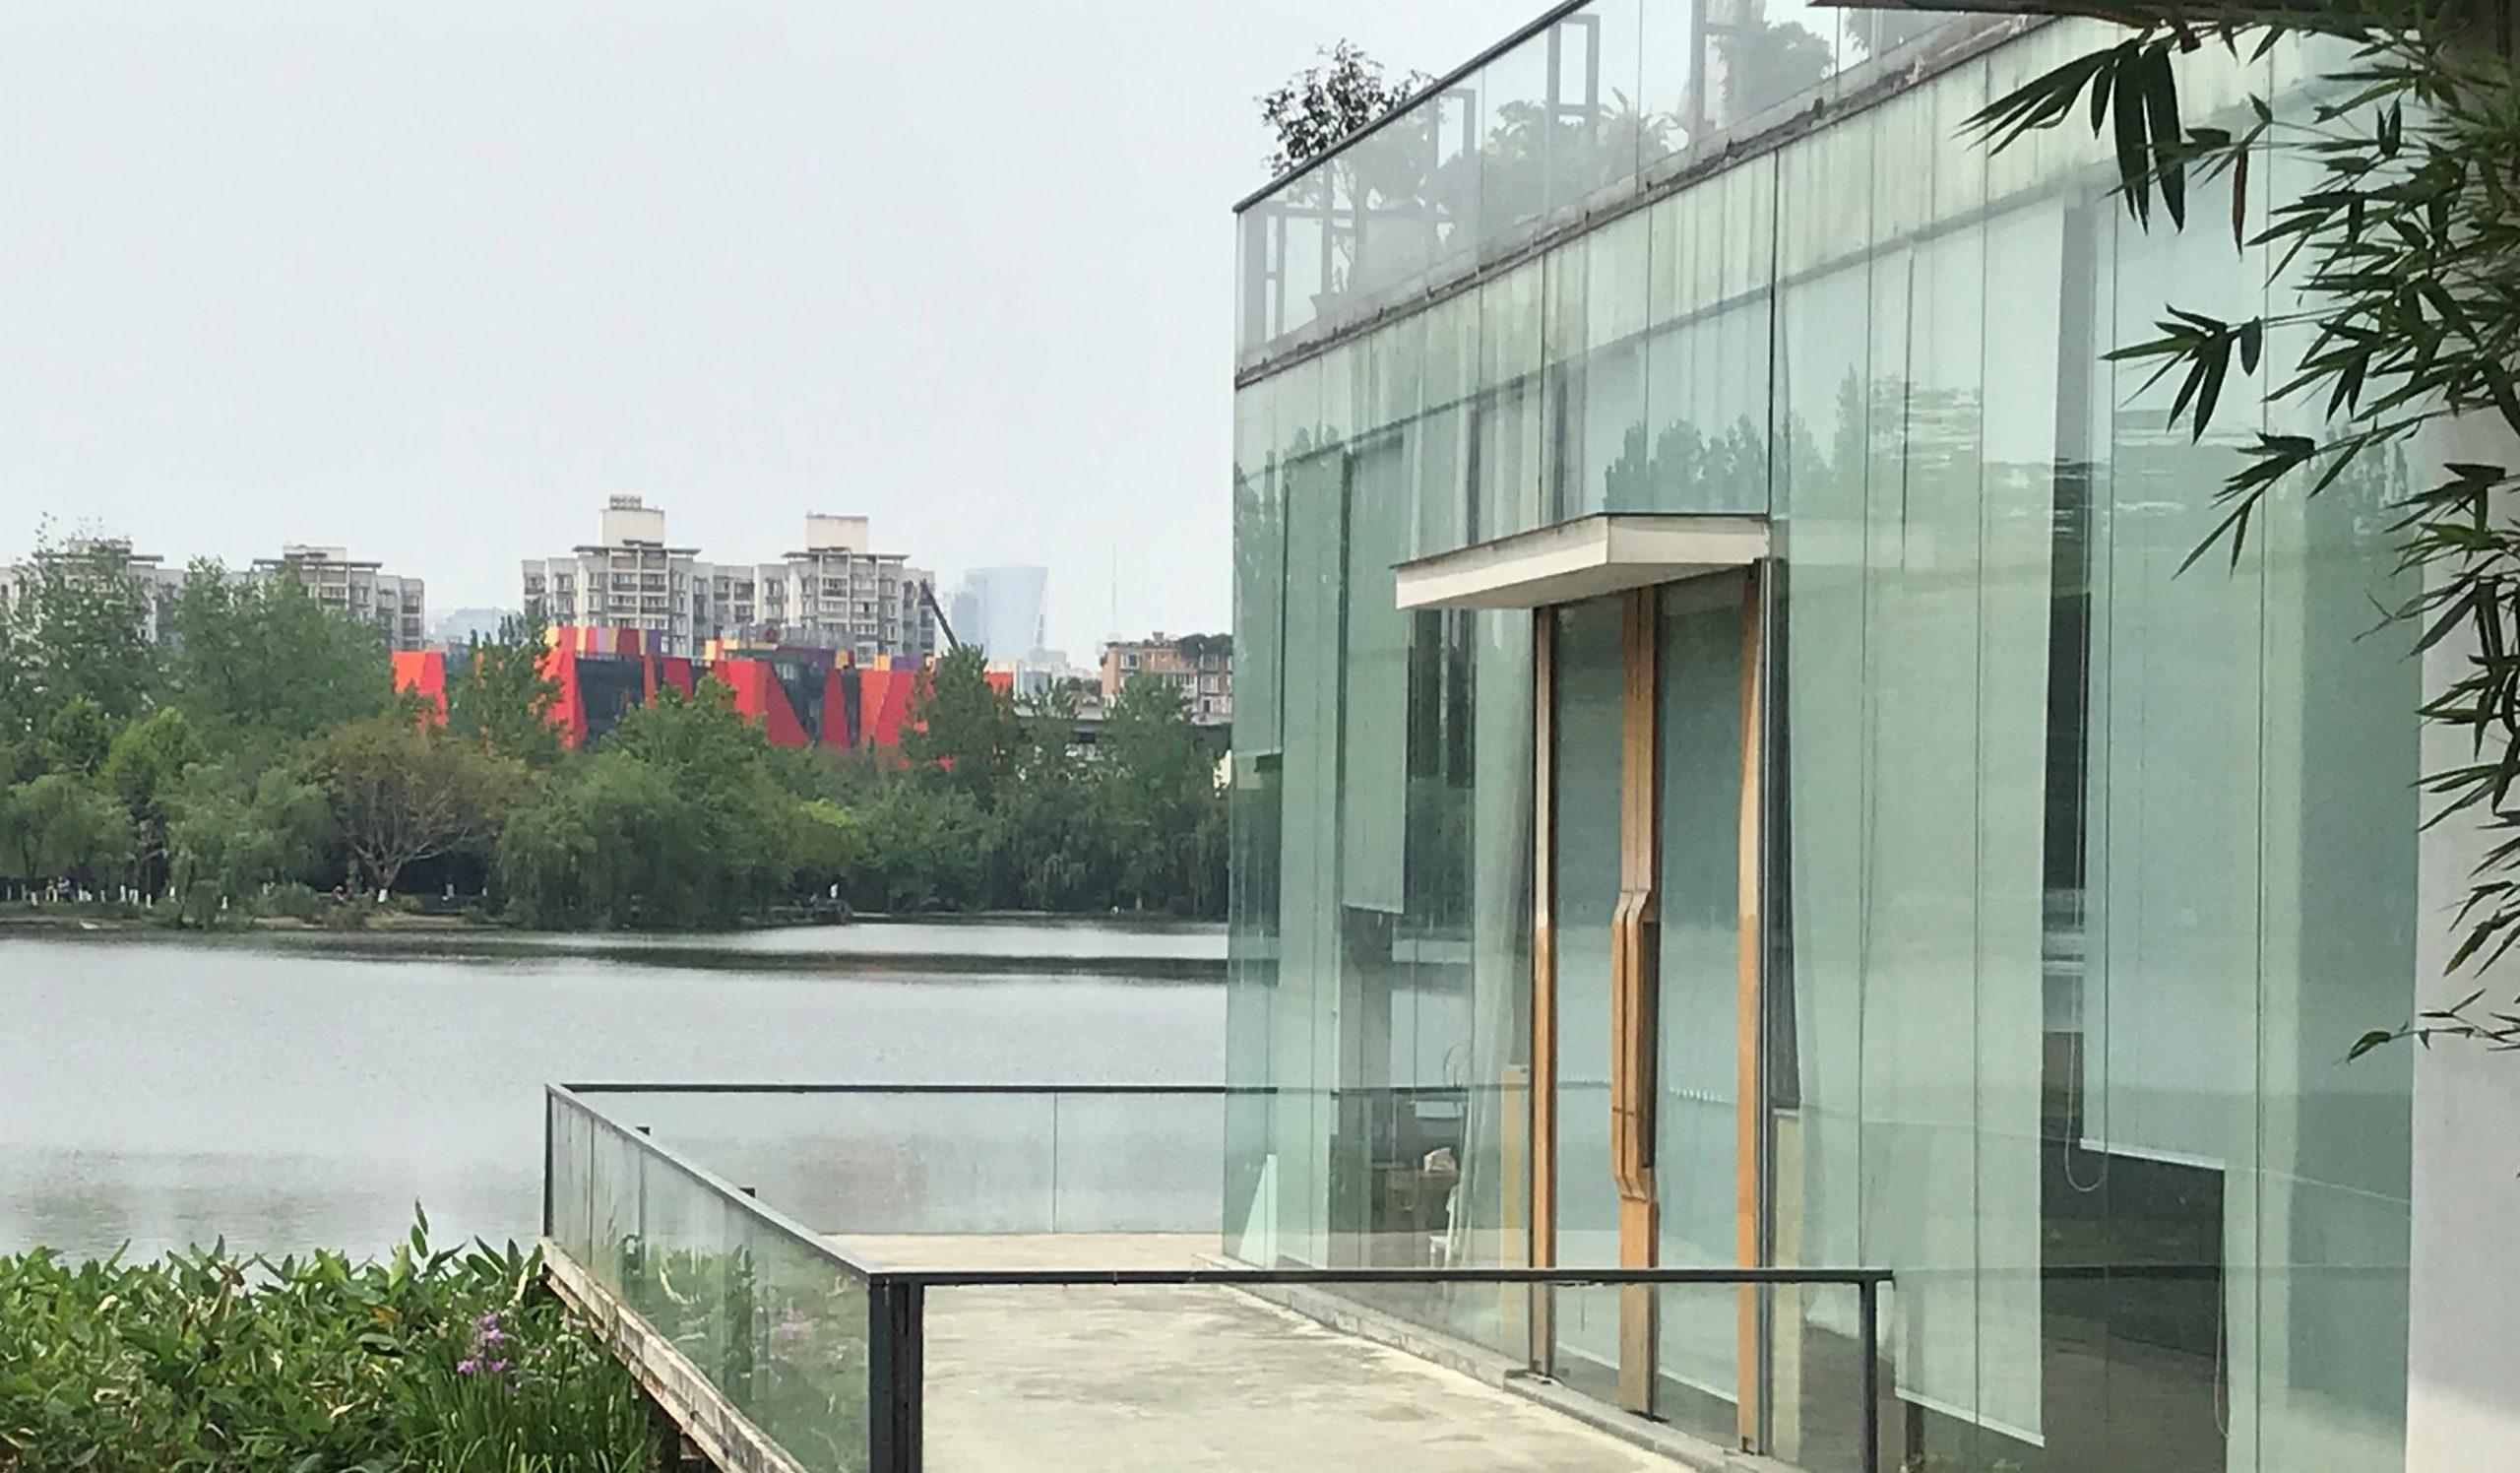 成都国際芸術センター-東湖公園-錦江区-成都-四川